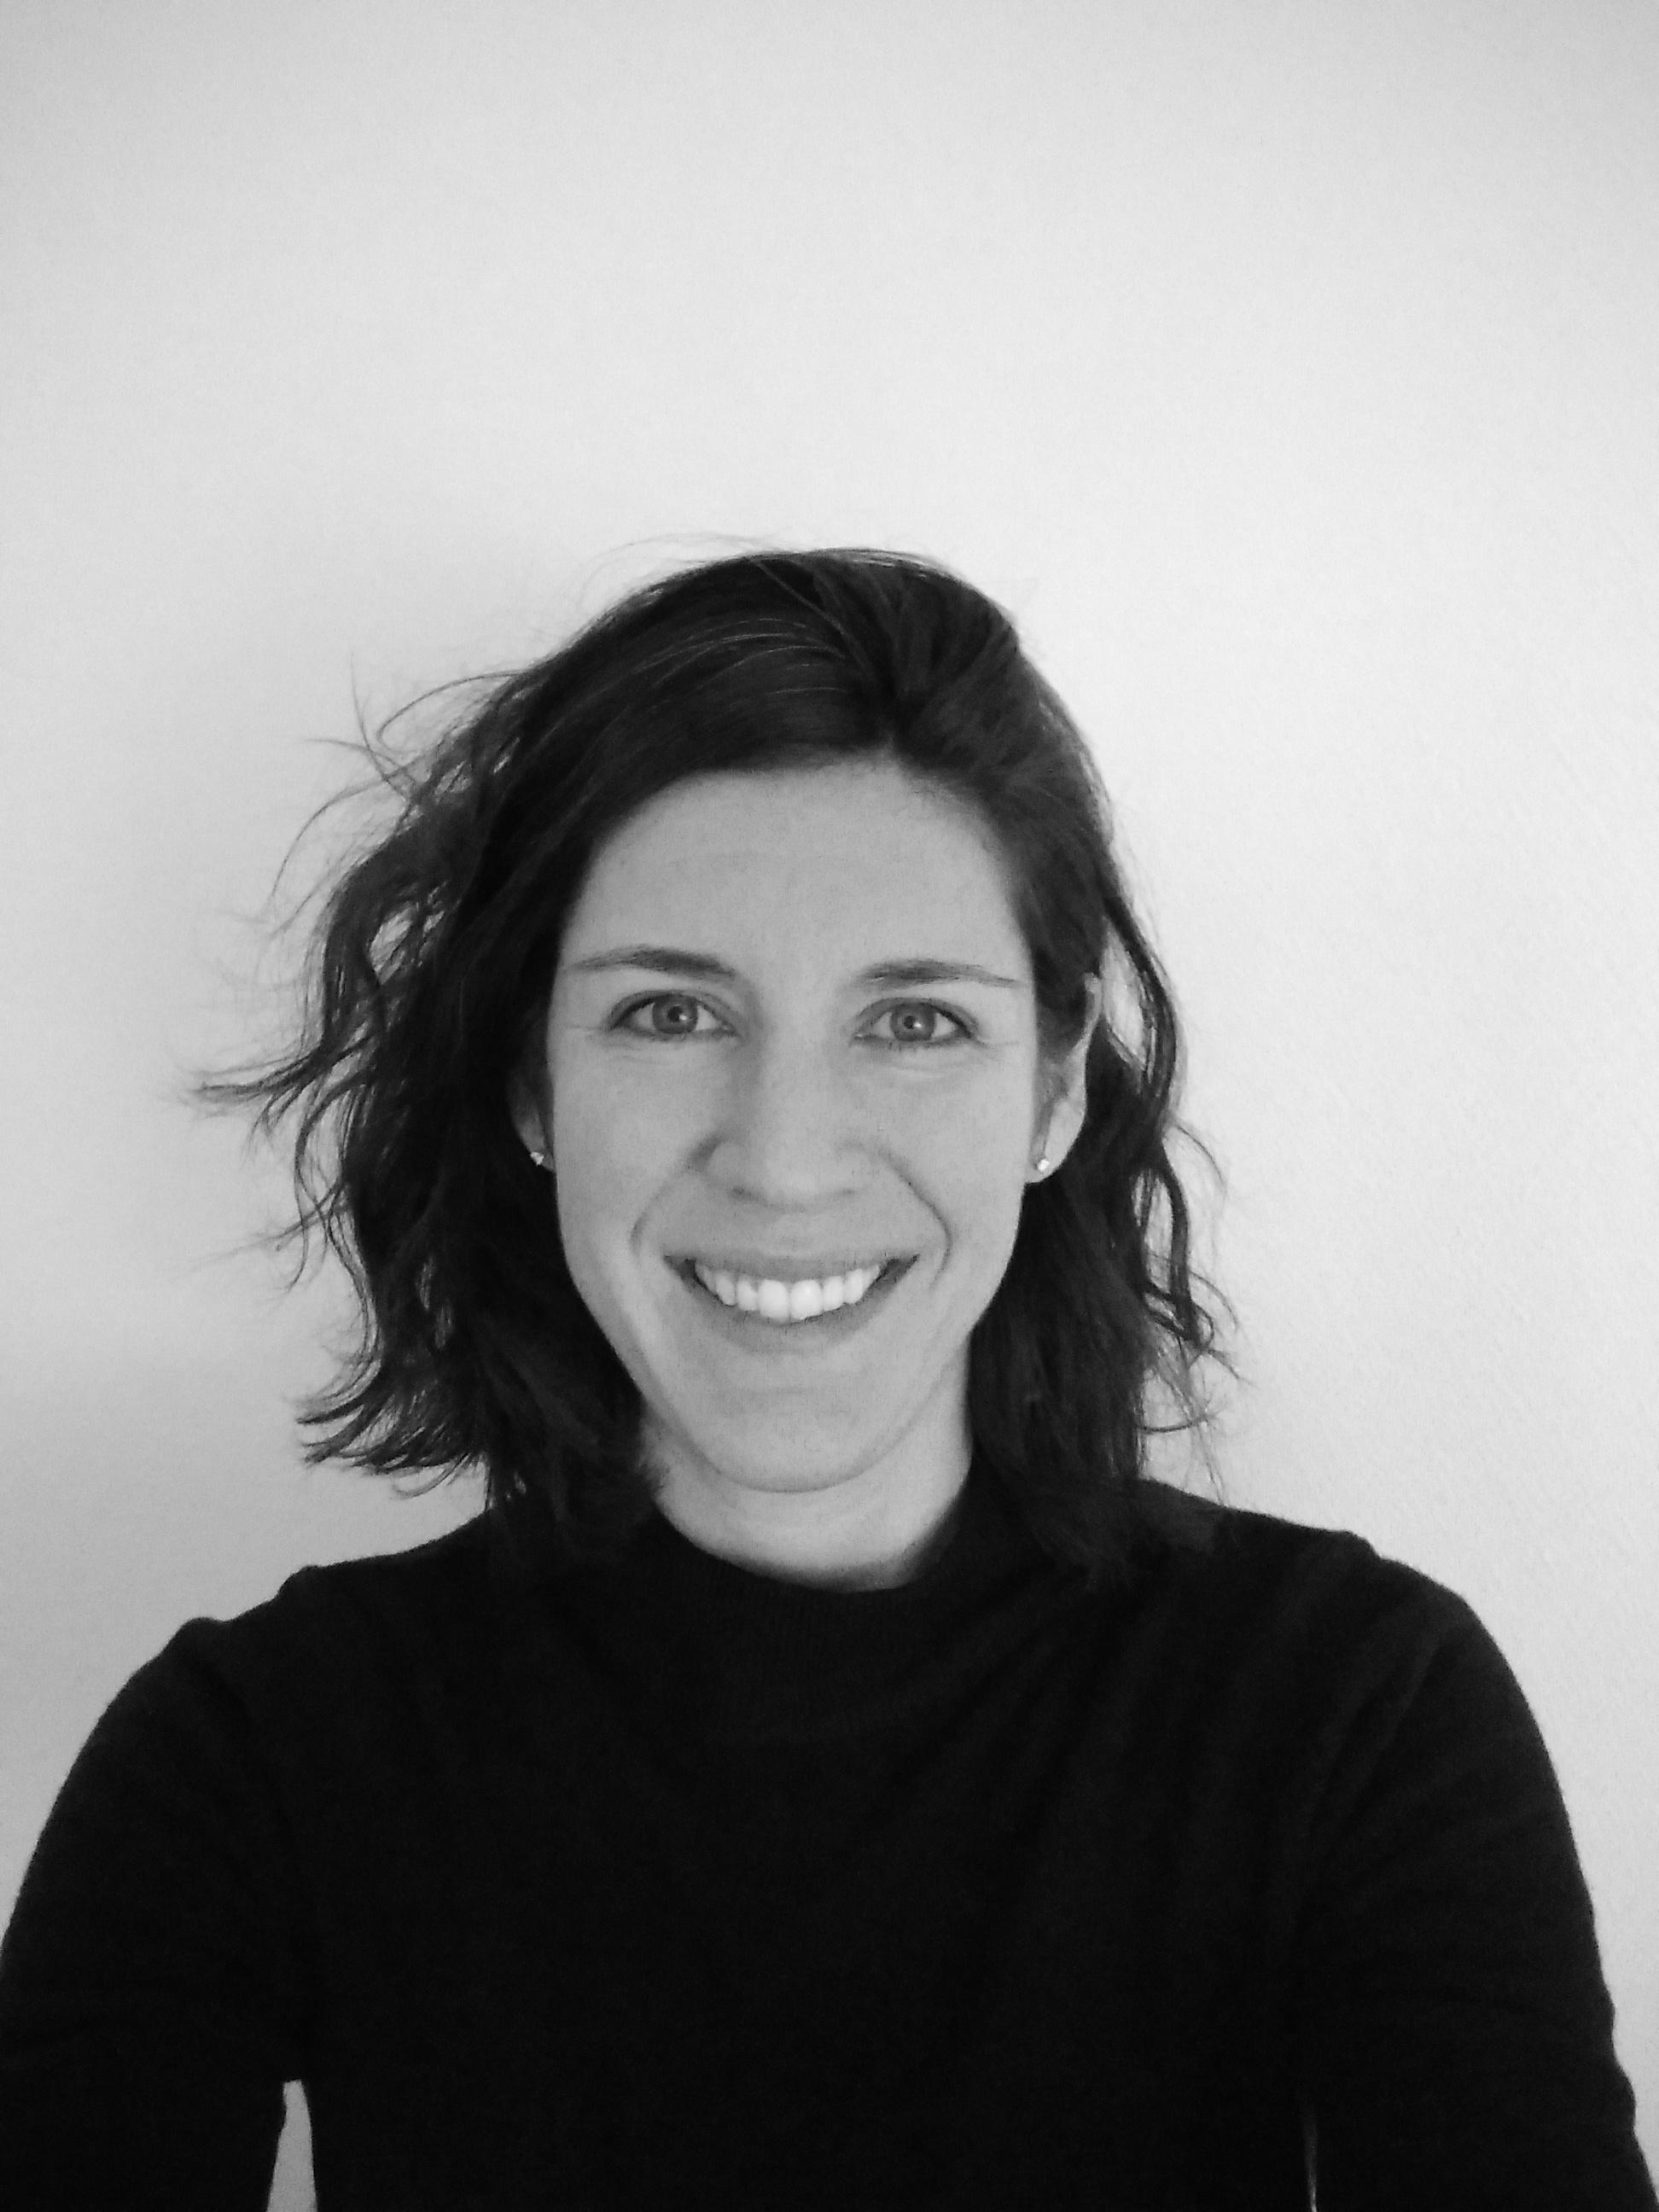 Danielle Kichingman-Roy